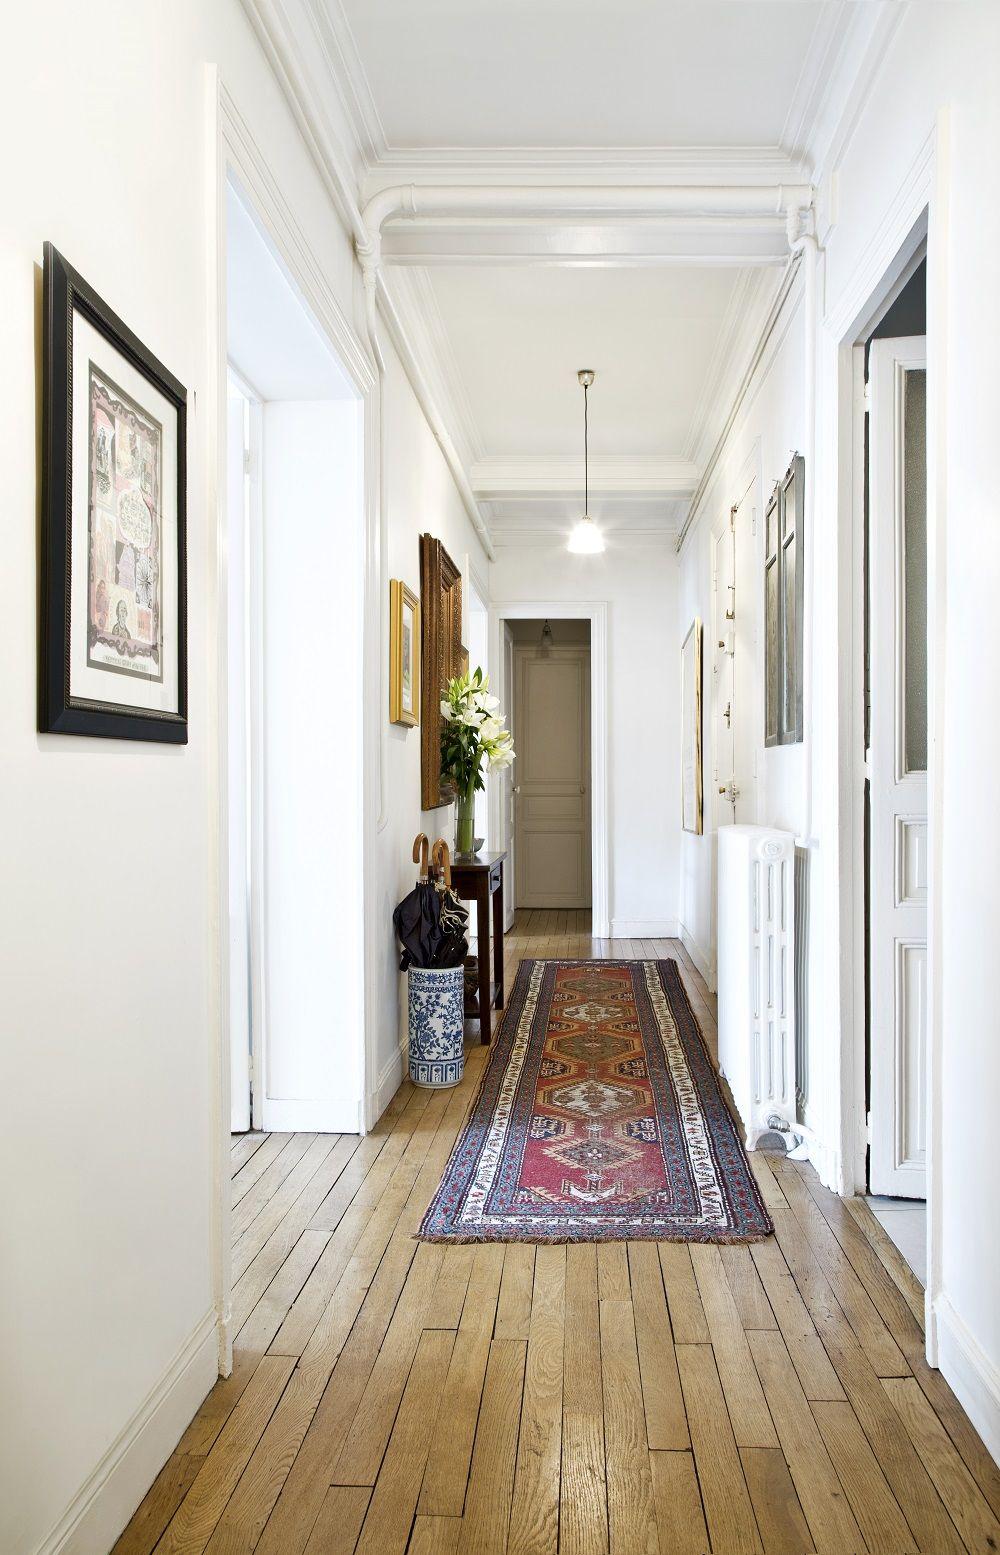 Schön Teppich Flur Dekoration Von Der Ist Das Stilvolle Aushängeschild Einer Wohnung